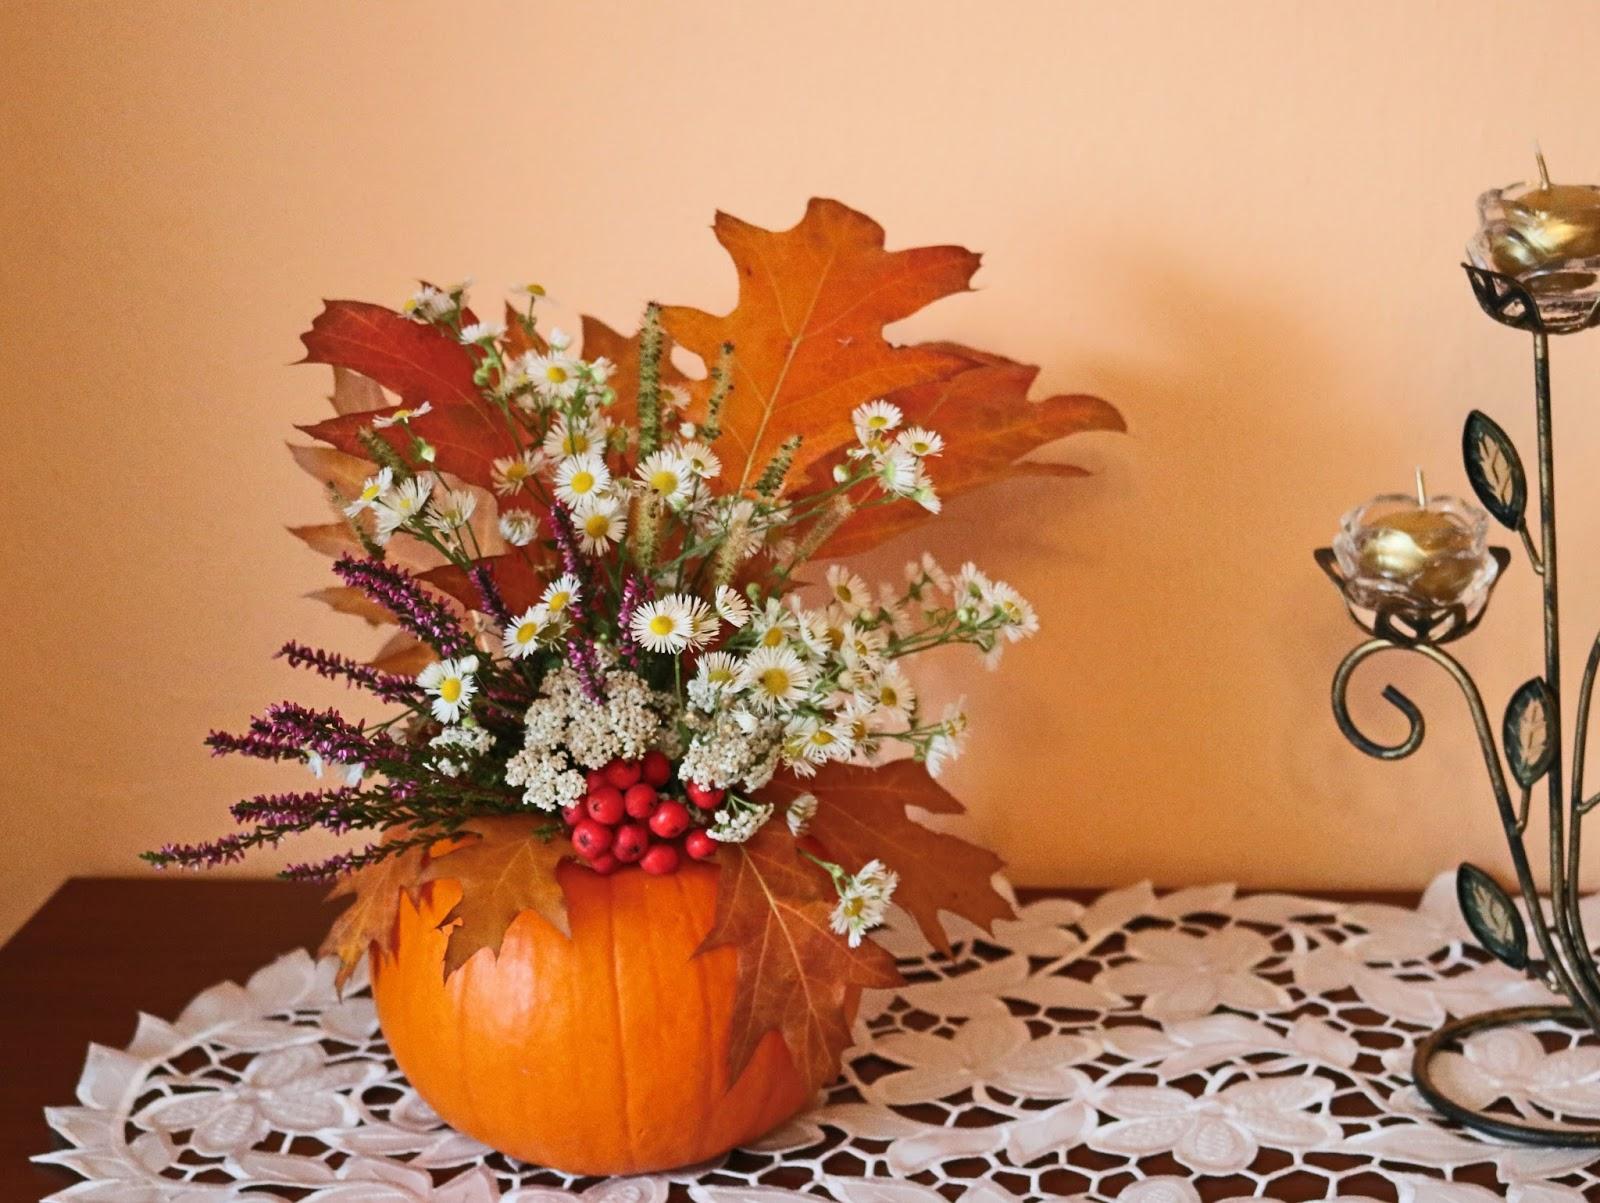 dekoracje diy do domu jesień